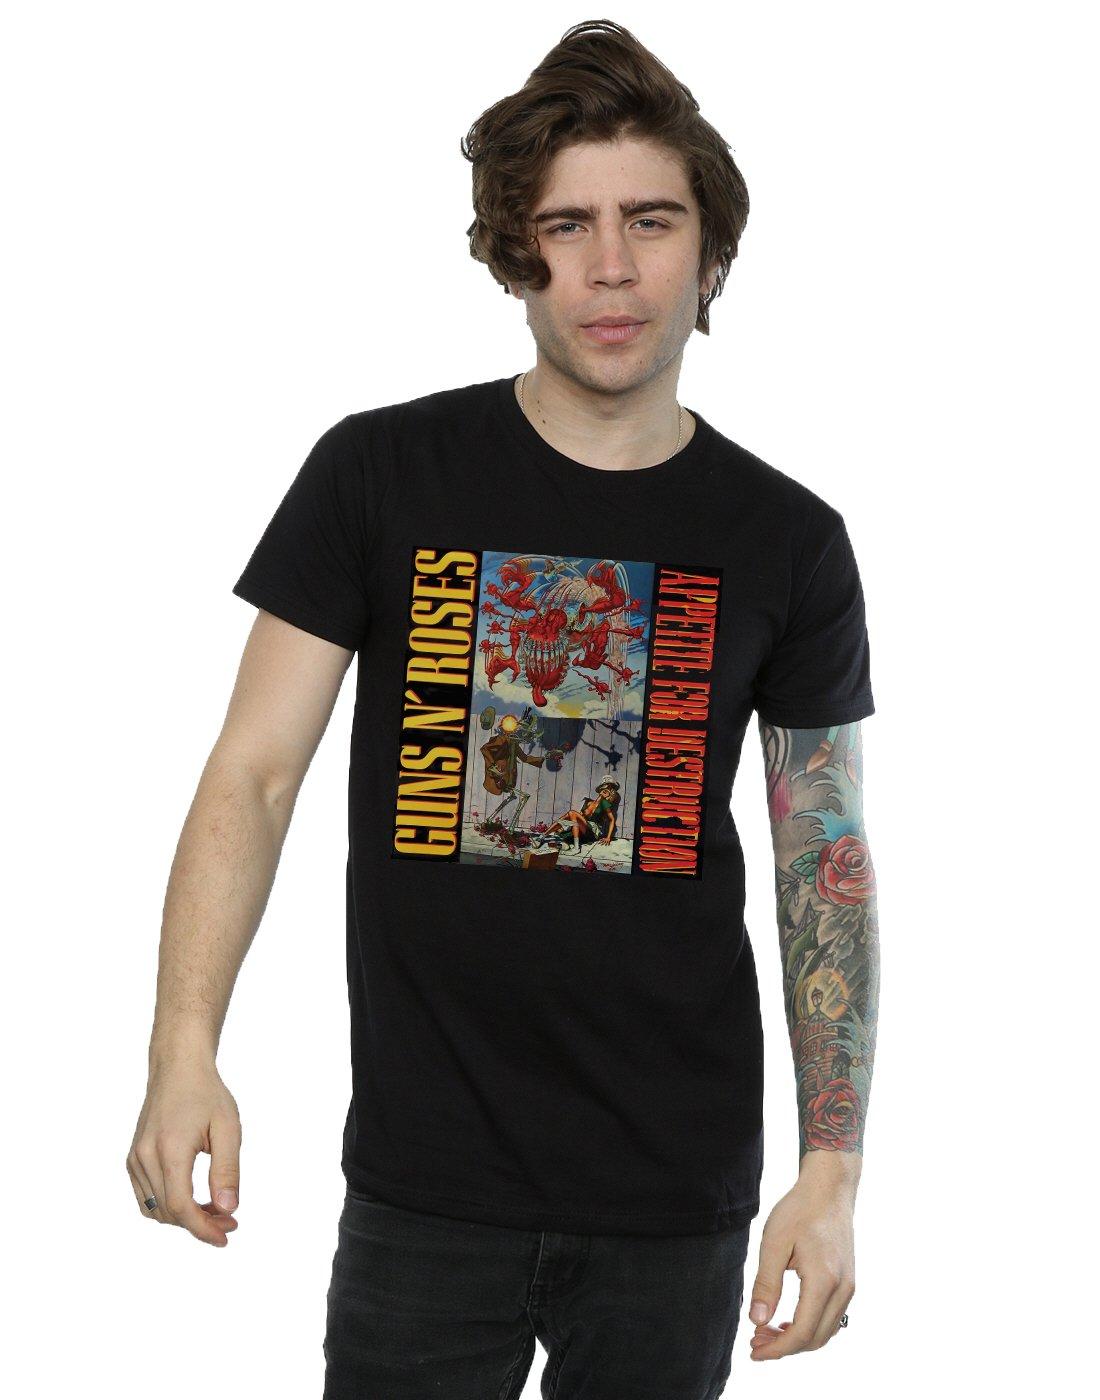 Guns N Roses Appetite Banned T Shirt 3400